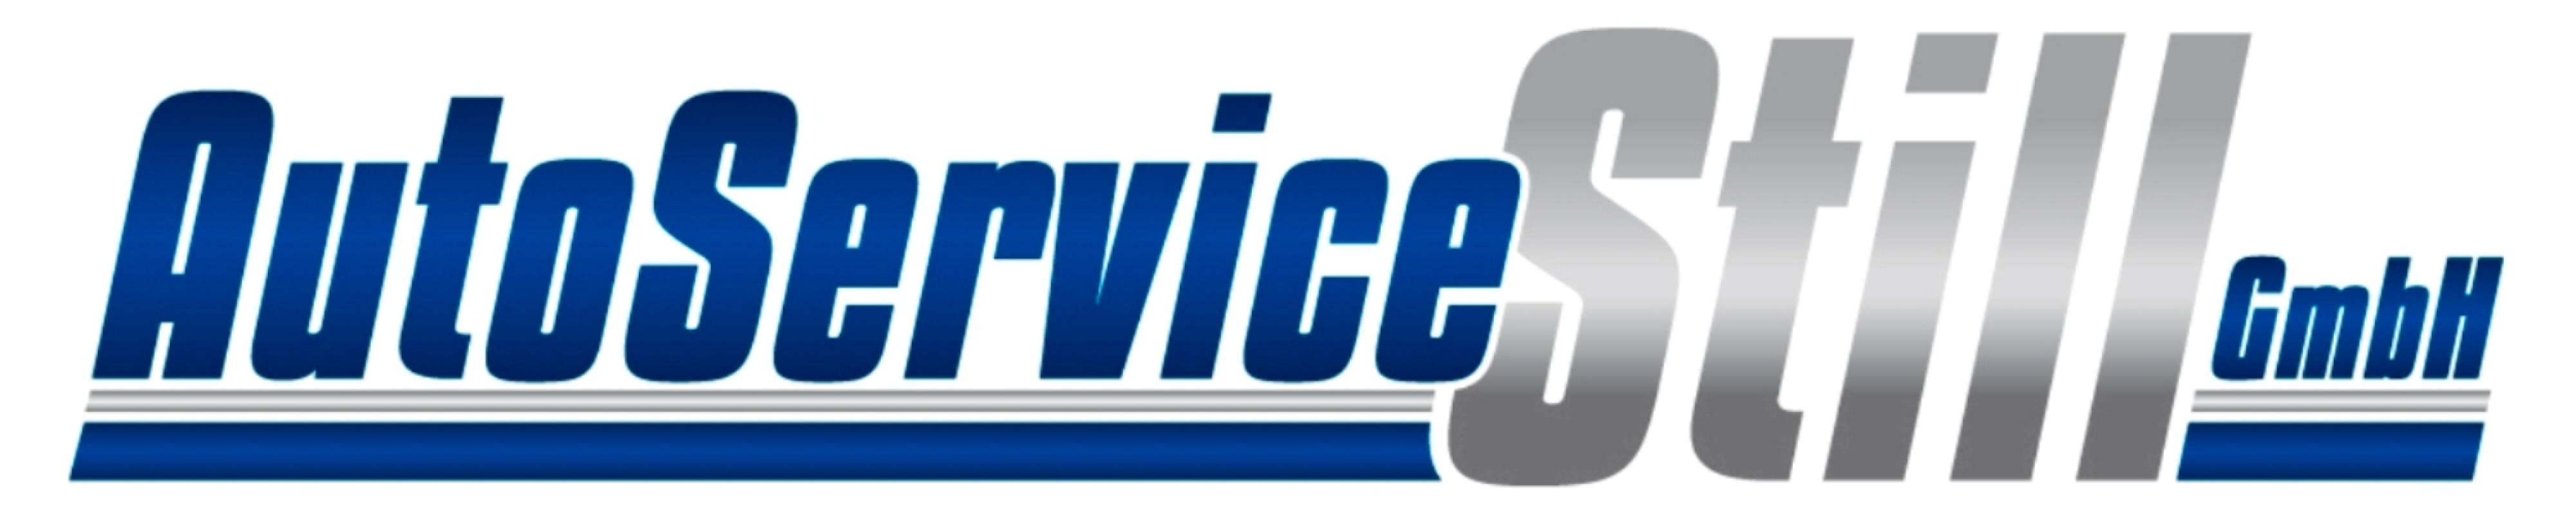 Auto Service Still GmbH